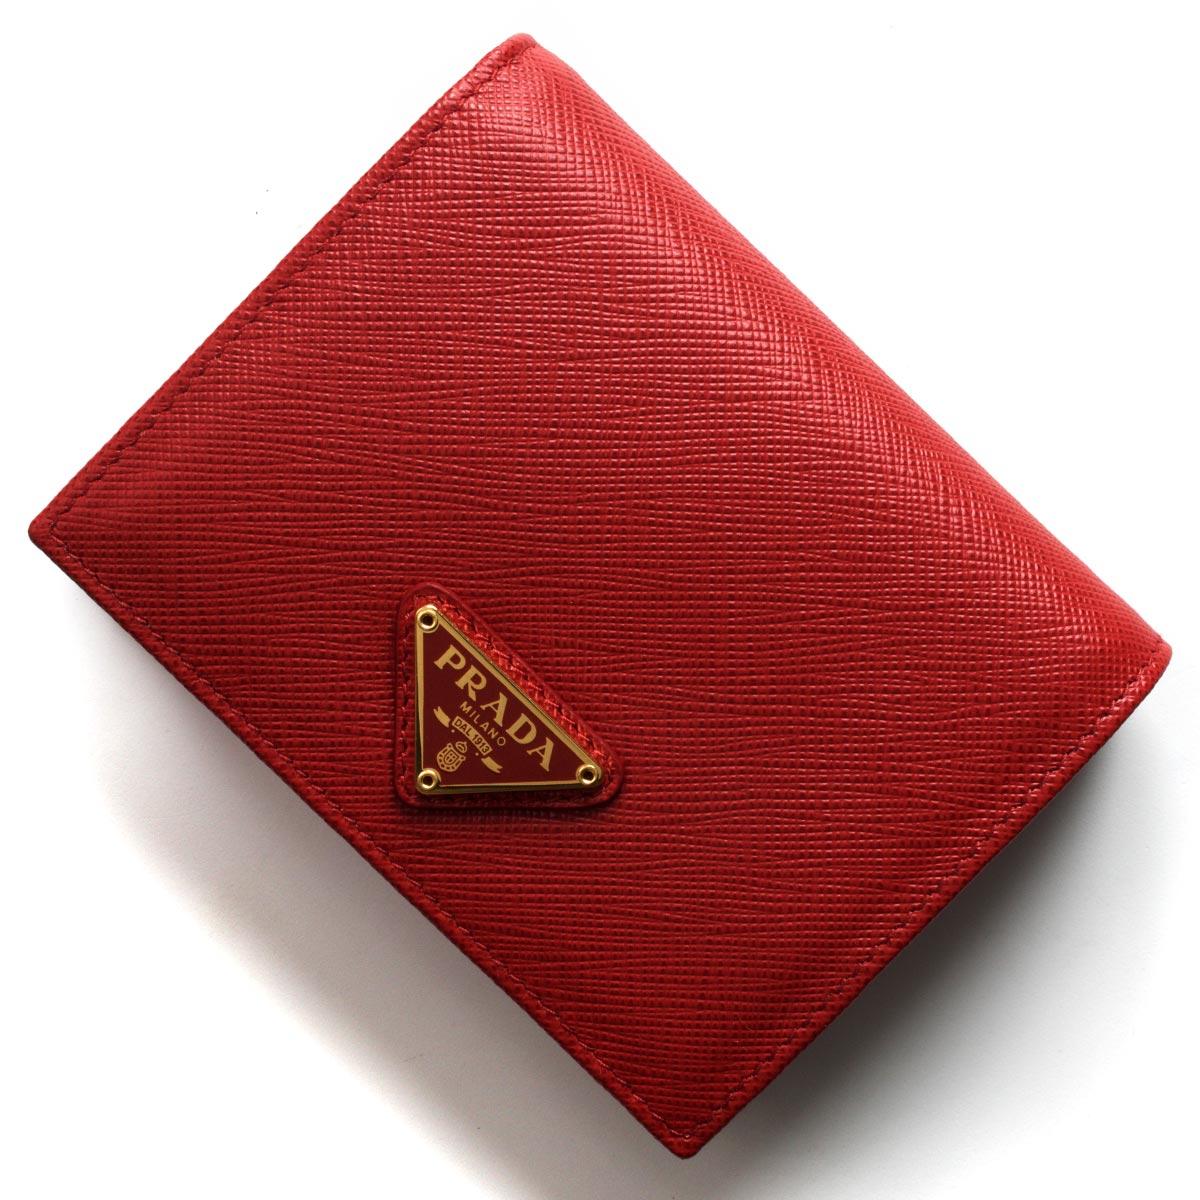 プラダ 二つ折り財布 財布 レディース サフィアーノ トライアングル 三角ロゴプレート フォーコレッド 1MV204 QHH F068Z PRADA